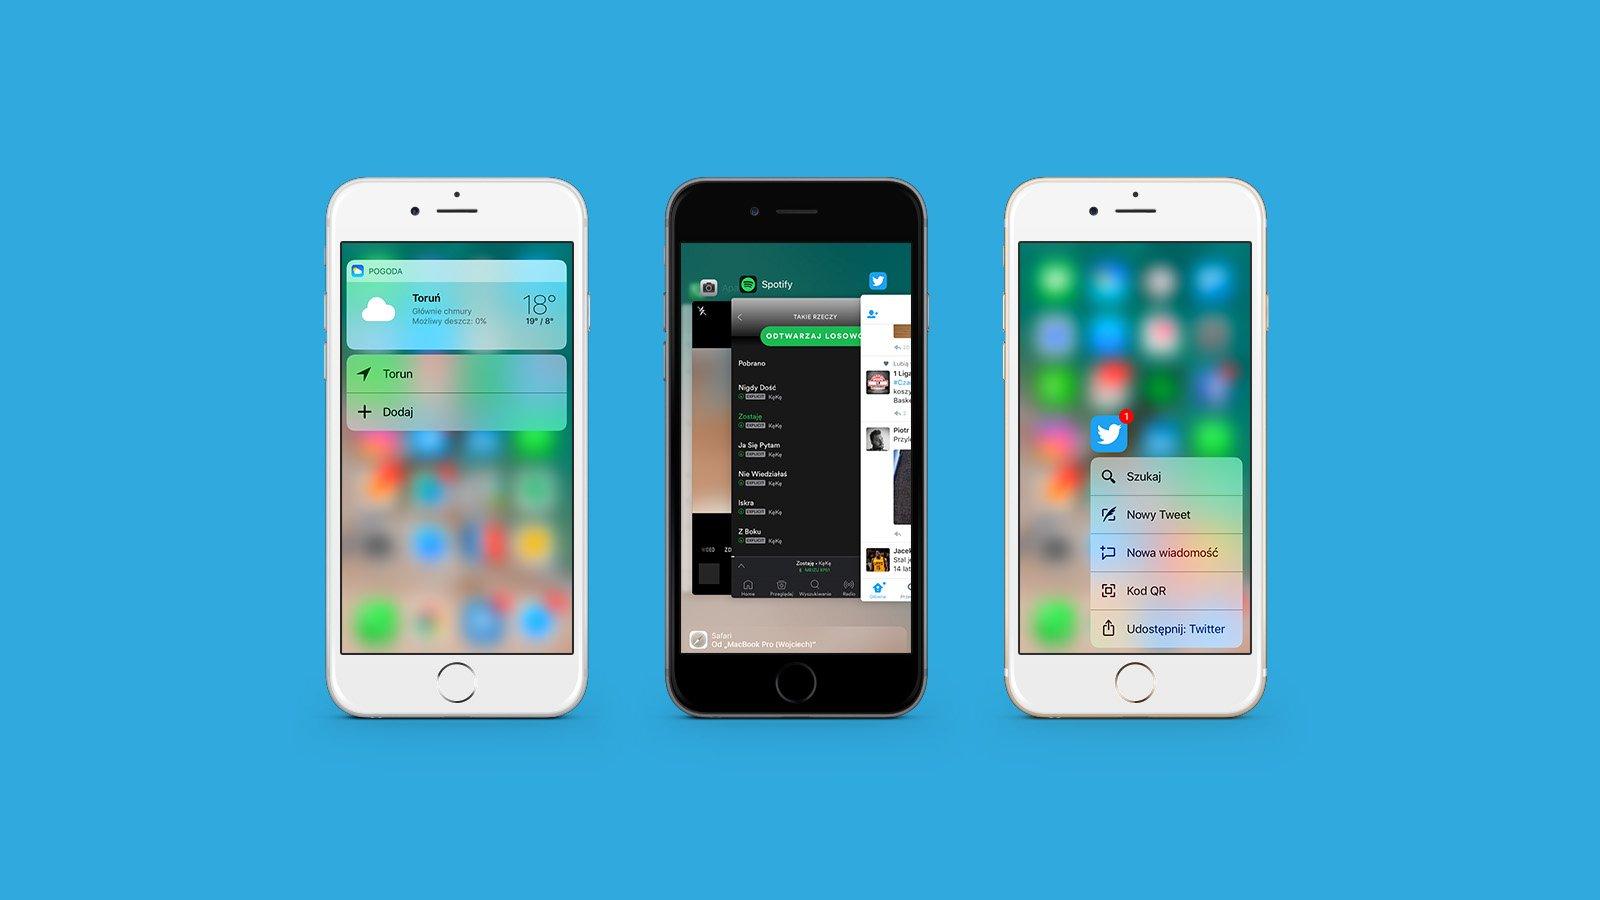 Po aktualizacji do iOS 13, większość funkcji 3D Touch w iPhone'ach przestanie działać 25